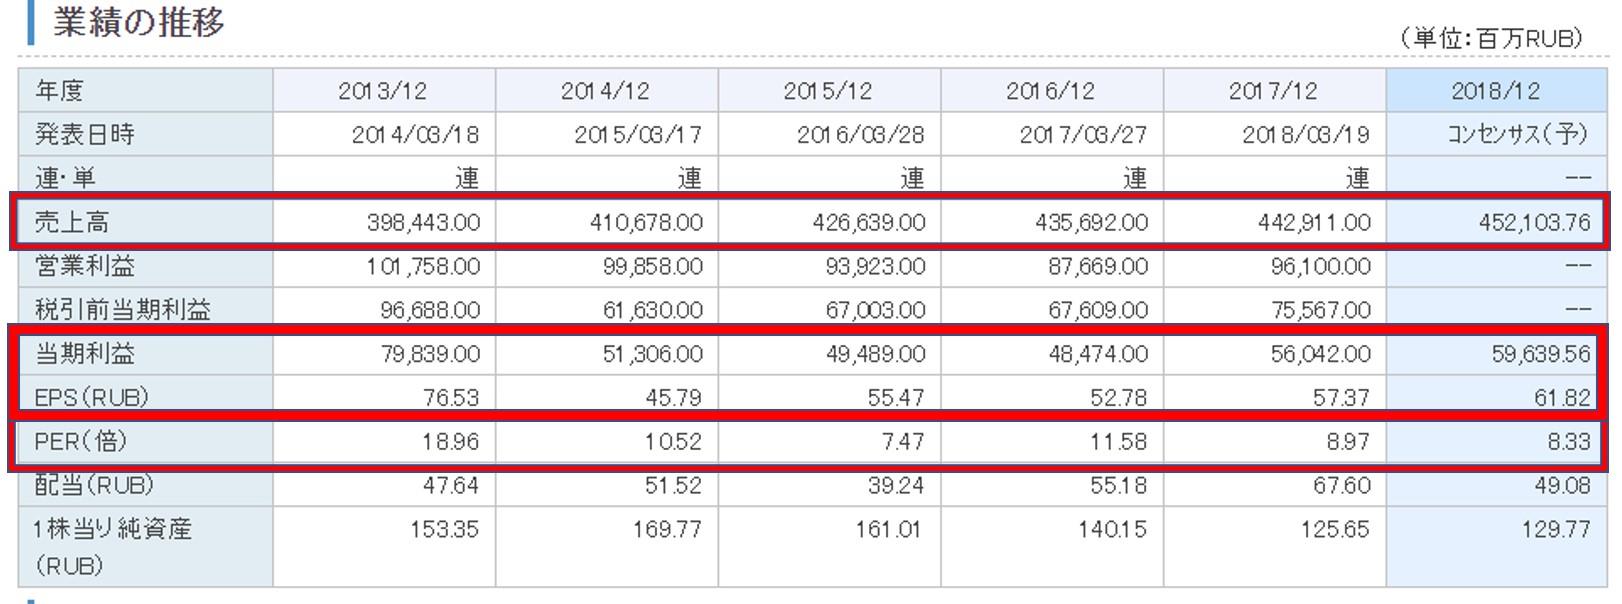 ロシアの個別株の業績